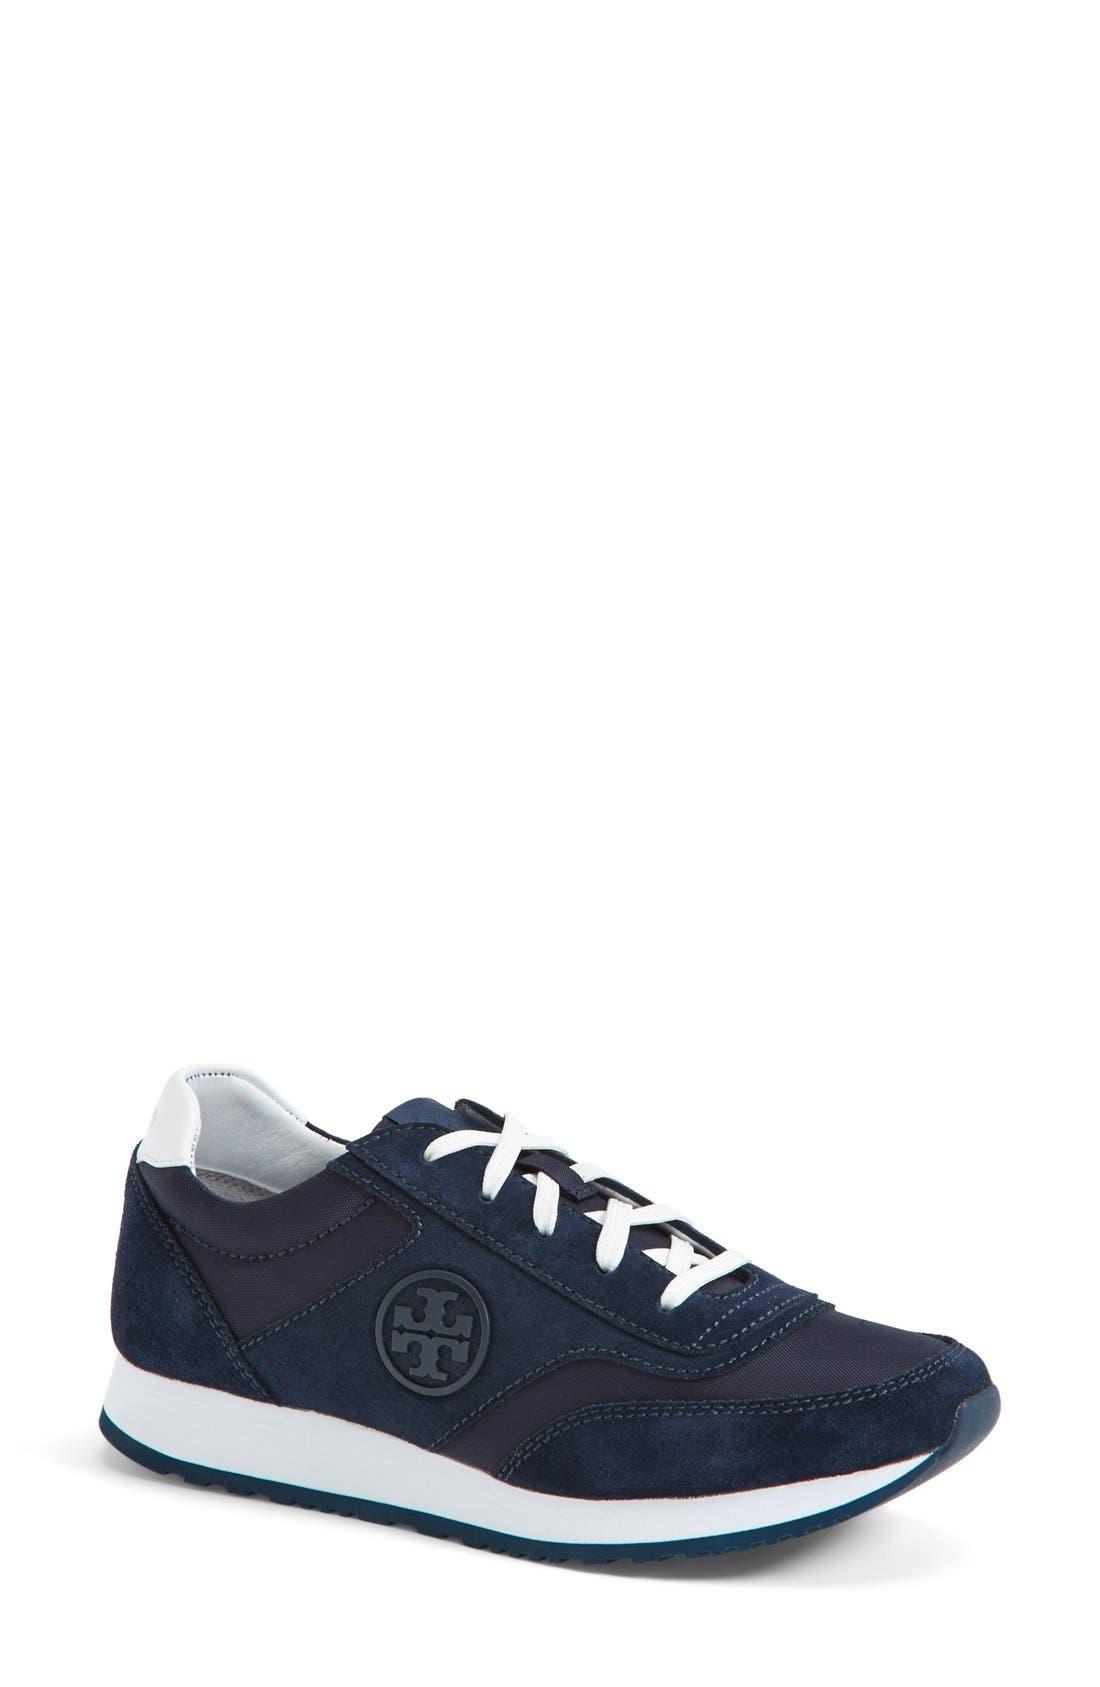 Main Image - Tory Burch Logo Sneaker (Women)